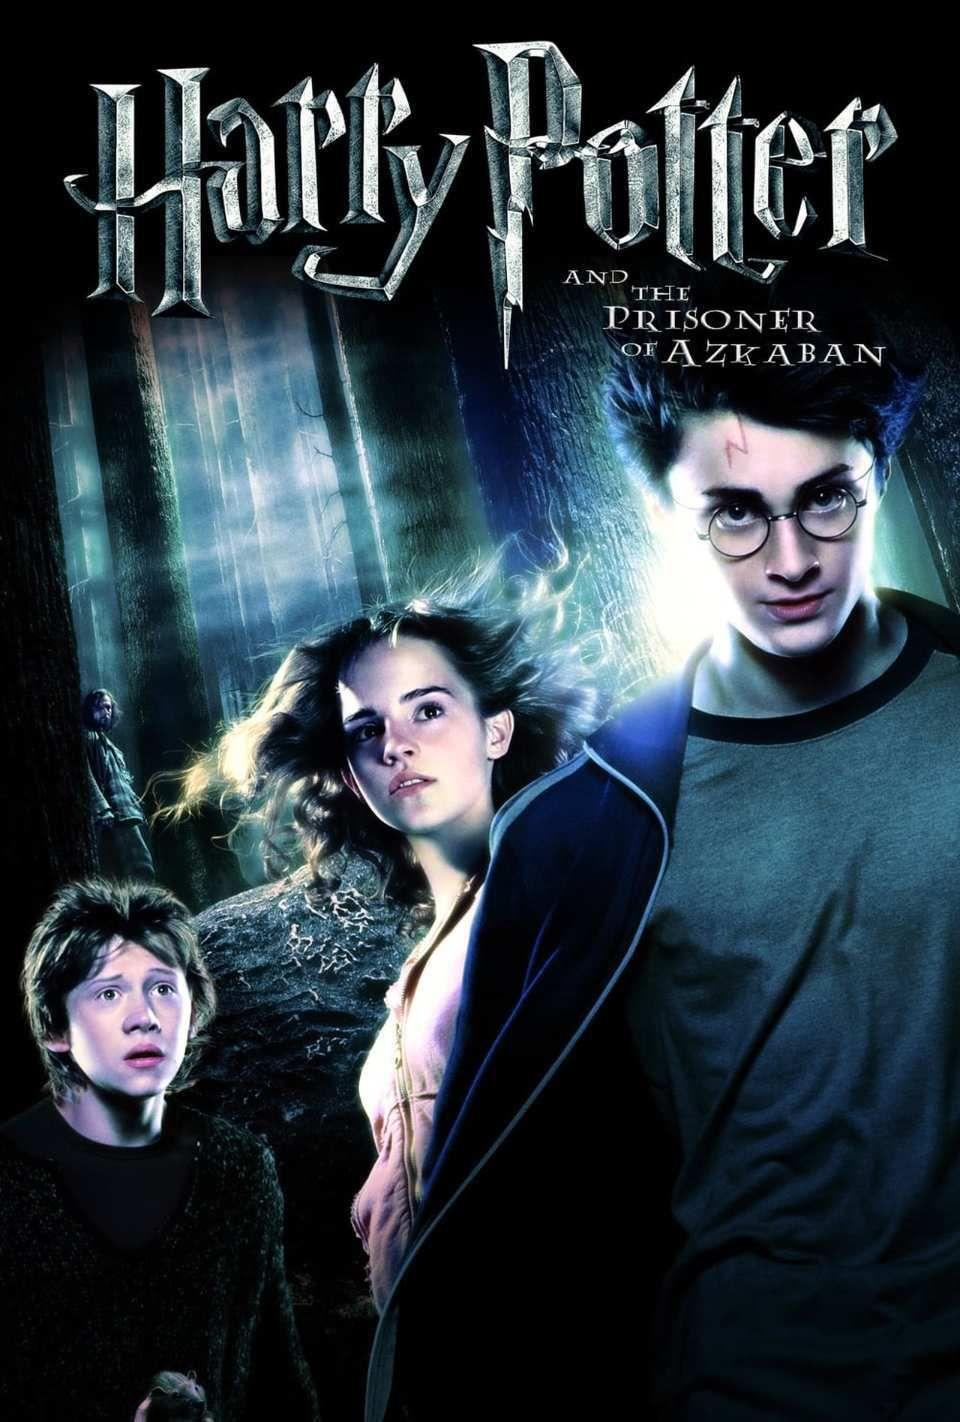 Read The Harry Potter And The Prisoner Of Azkaban 2004 Script Written By Steve Kloves And J K Rowling Prisoner Of Azkaban Azkaban The Prisoner Of Azkaban